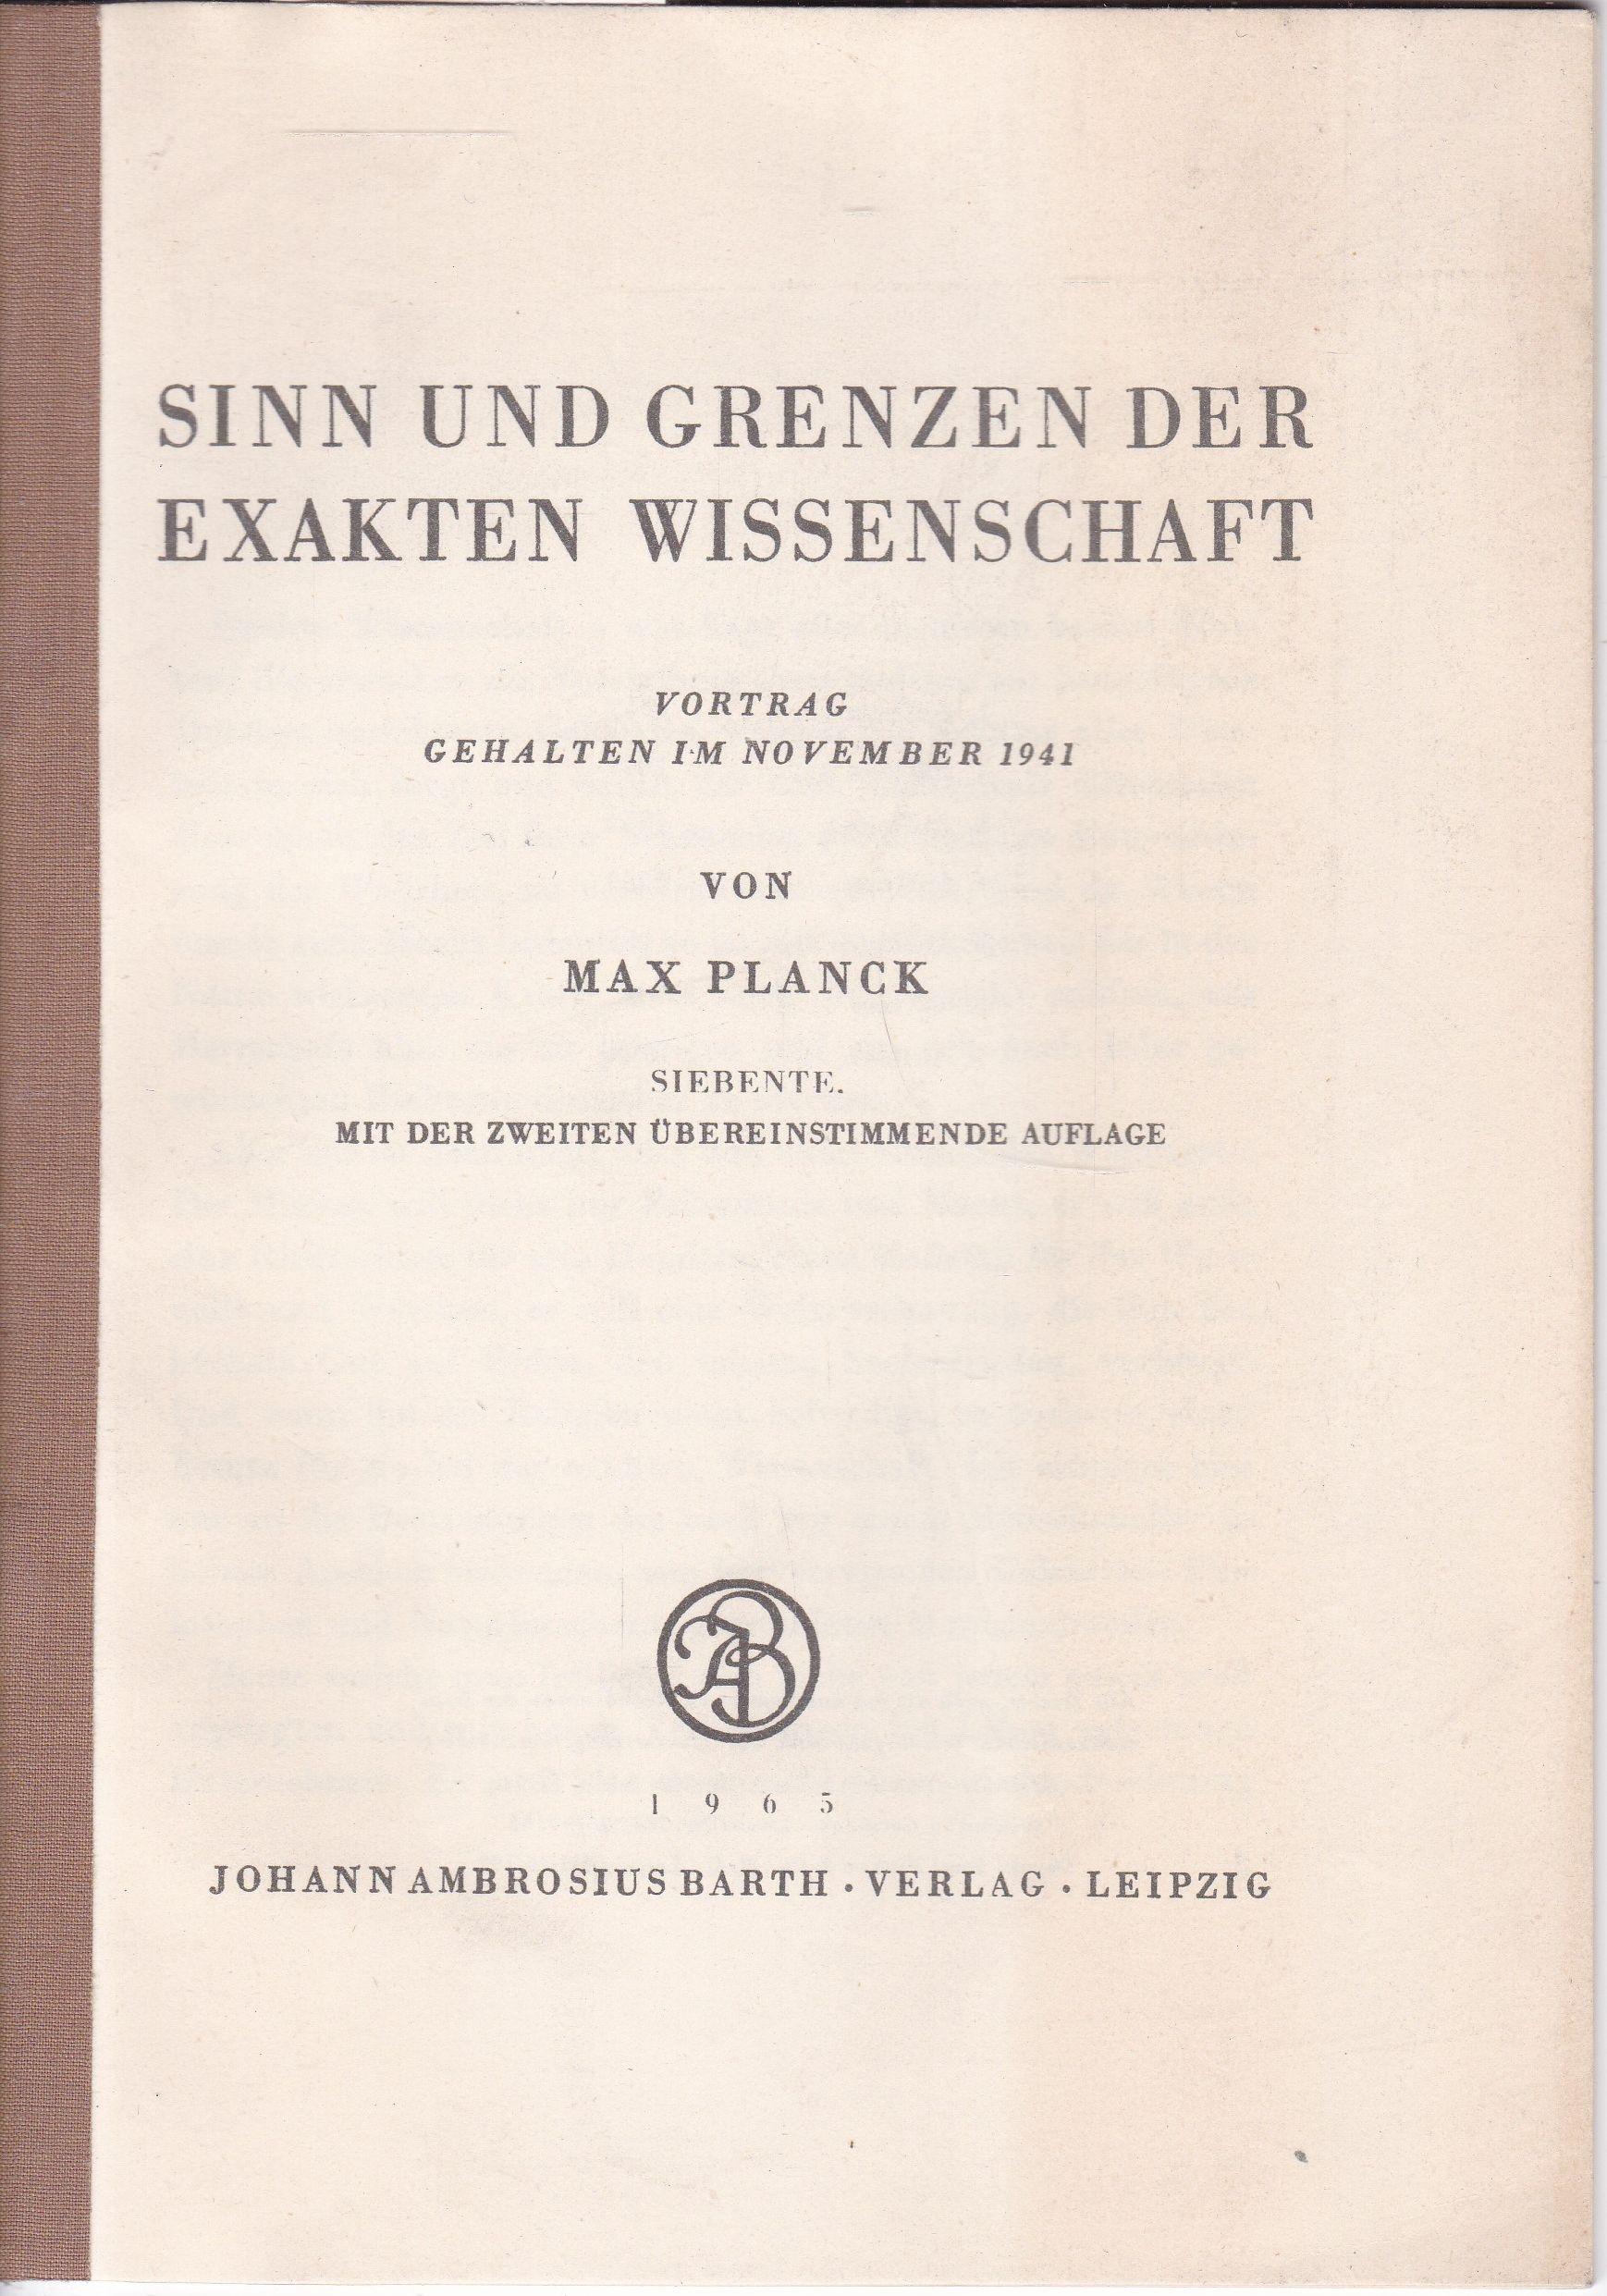 Sinn u. Grenzen d. exakten Wissenschaft. Vortrag: Planck, Max